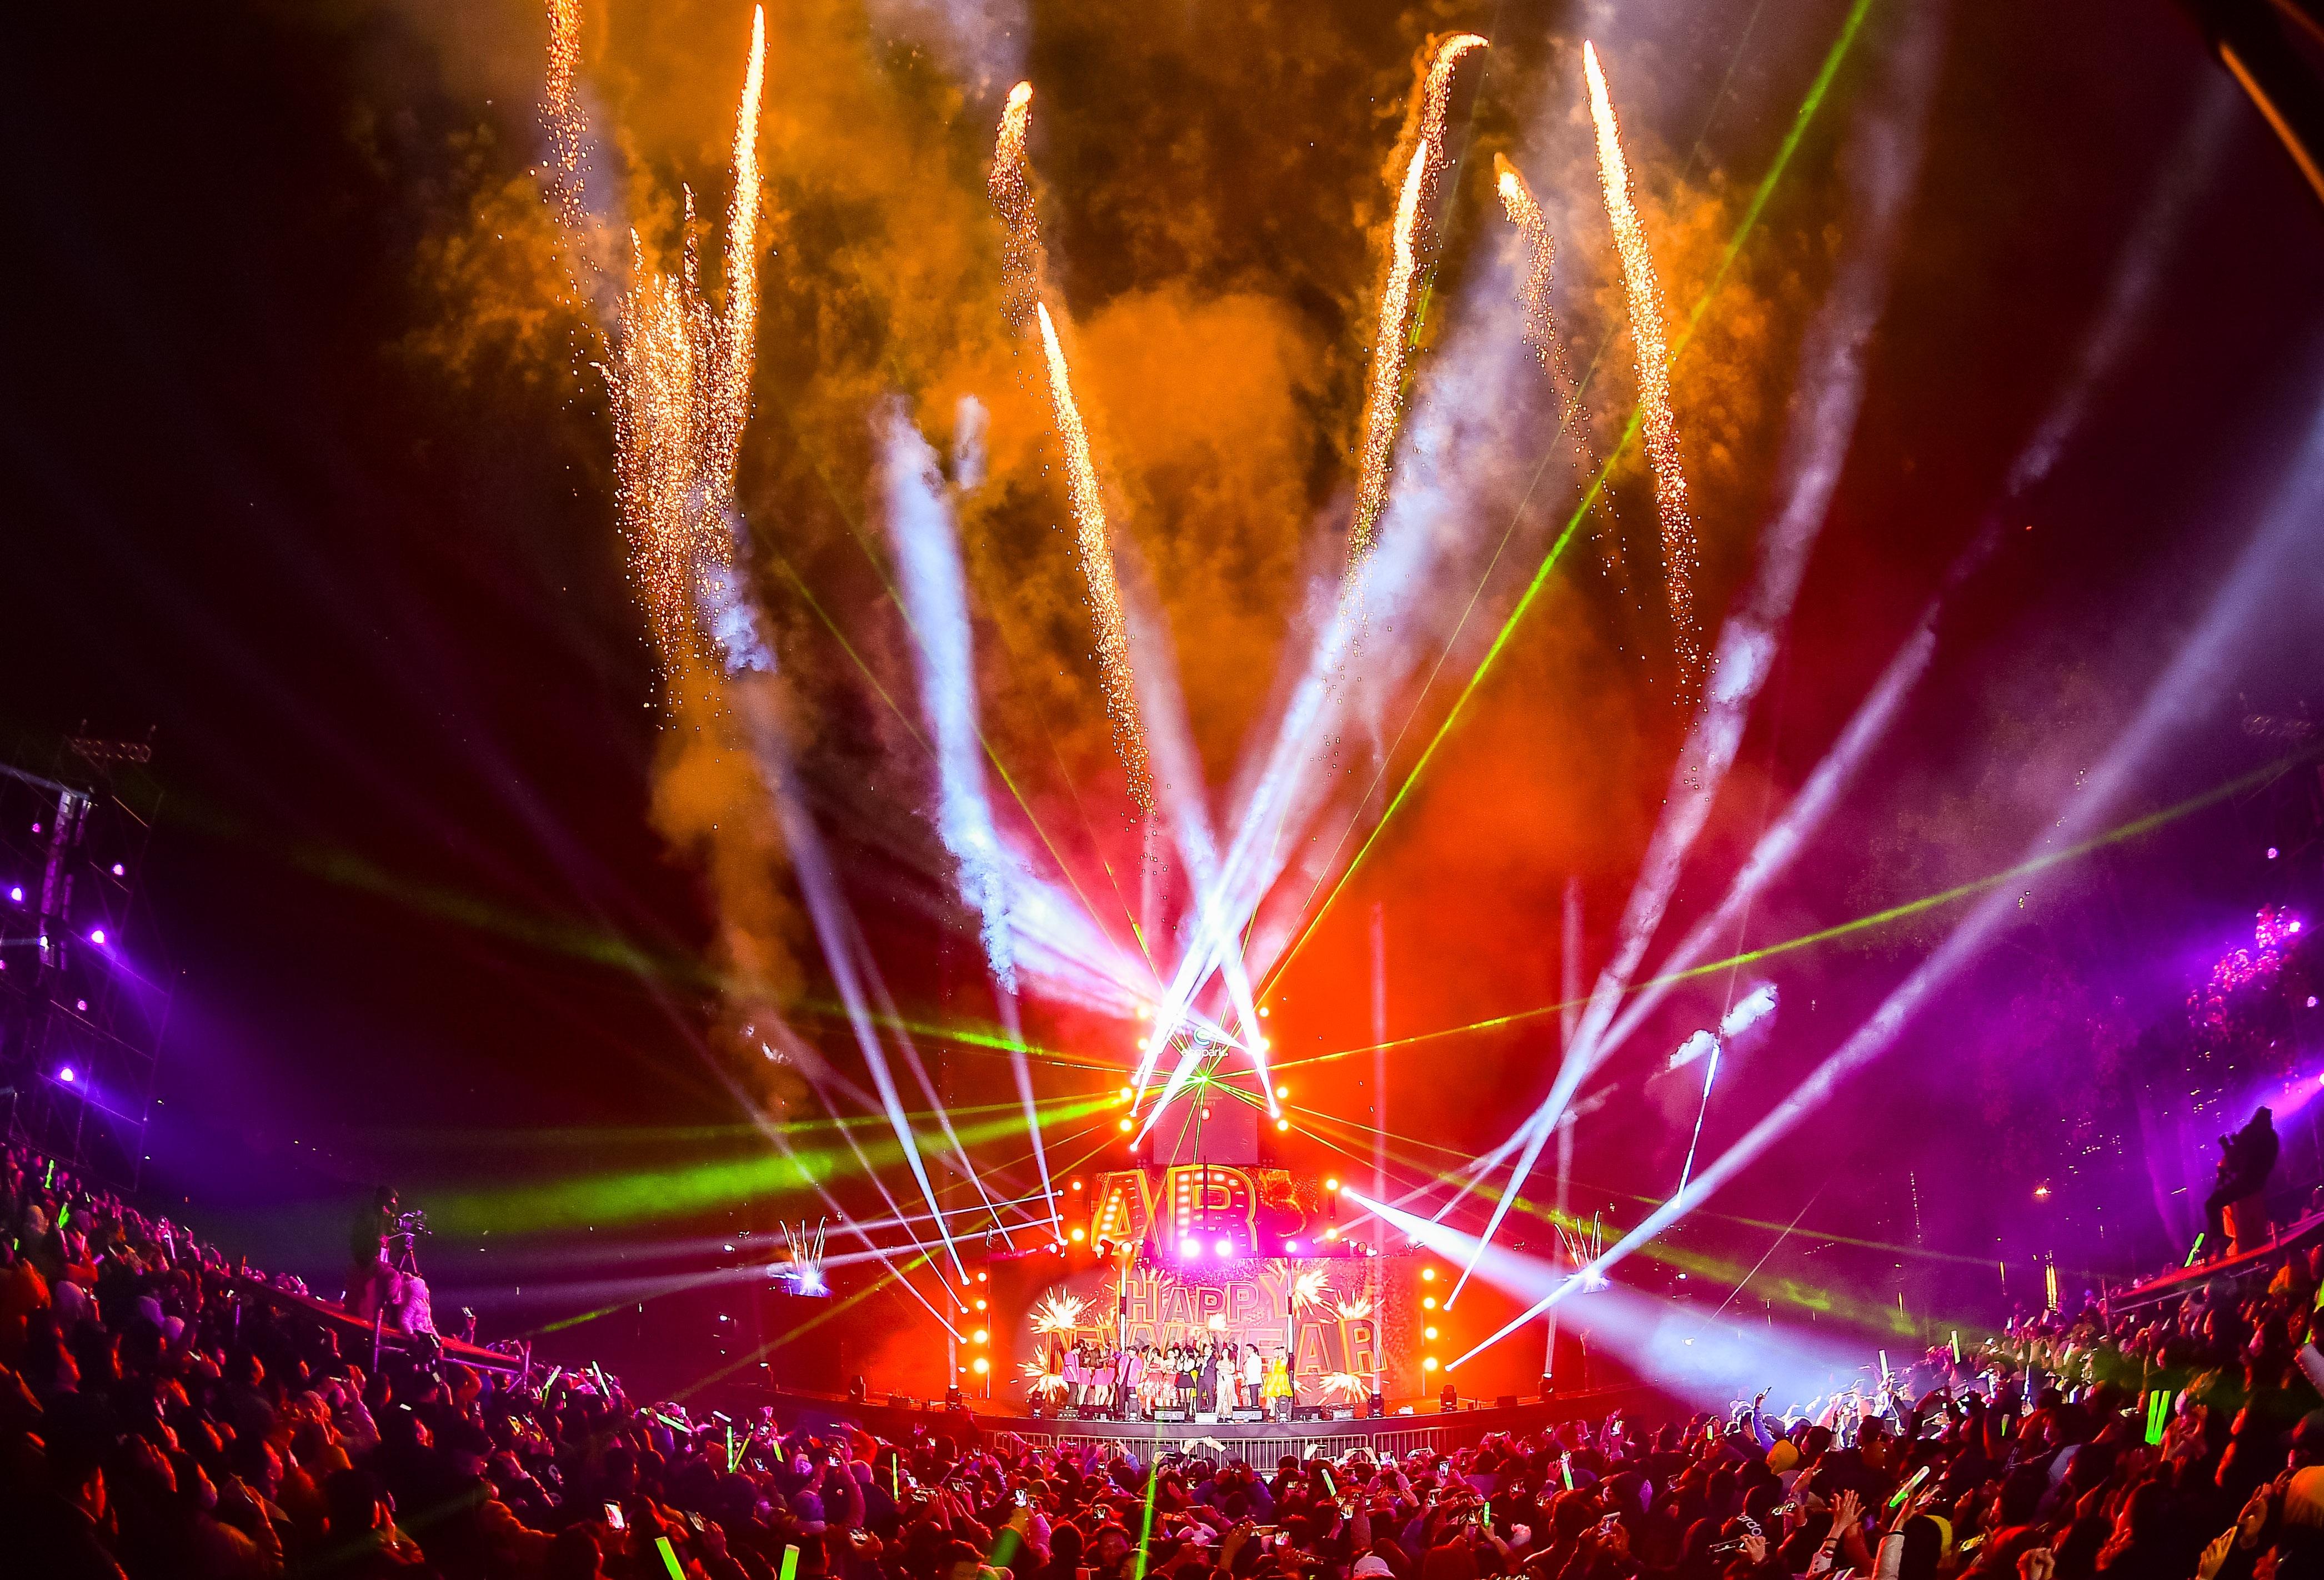 Bữa đại tiệc âm nhạc hoành tráng đón năm mới 2021 của cư dân Ecopark - 21